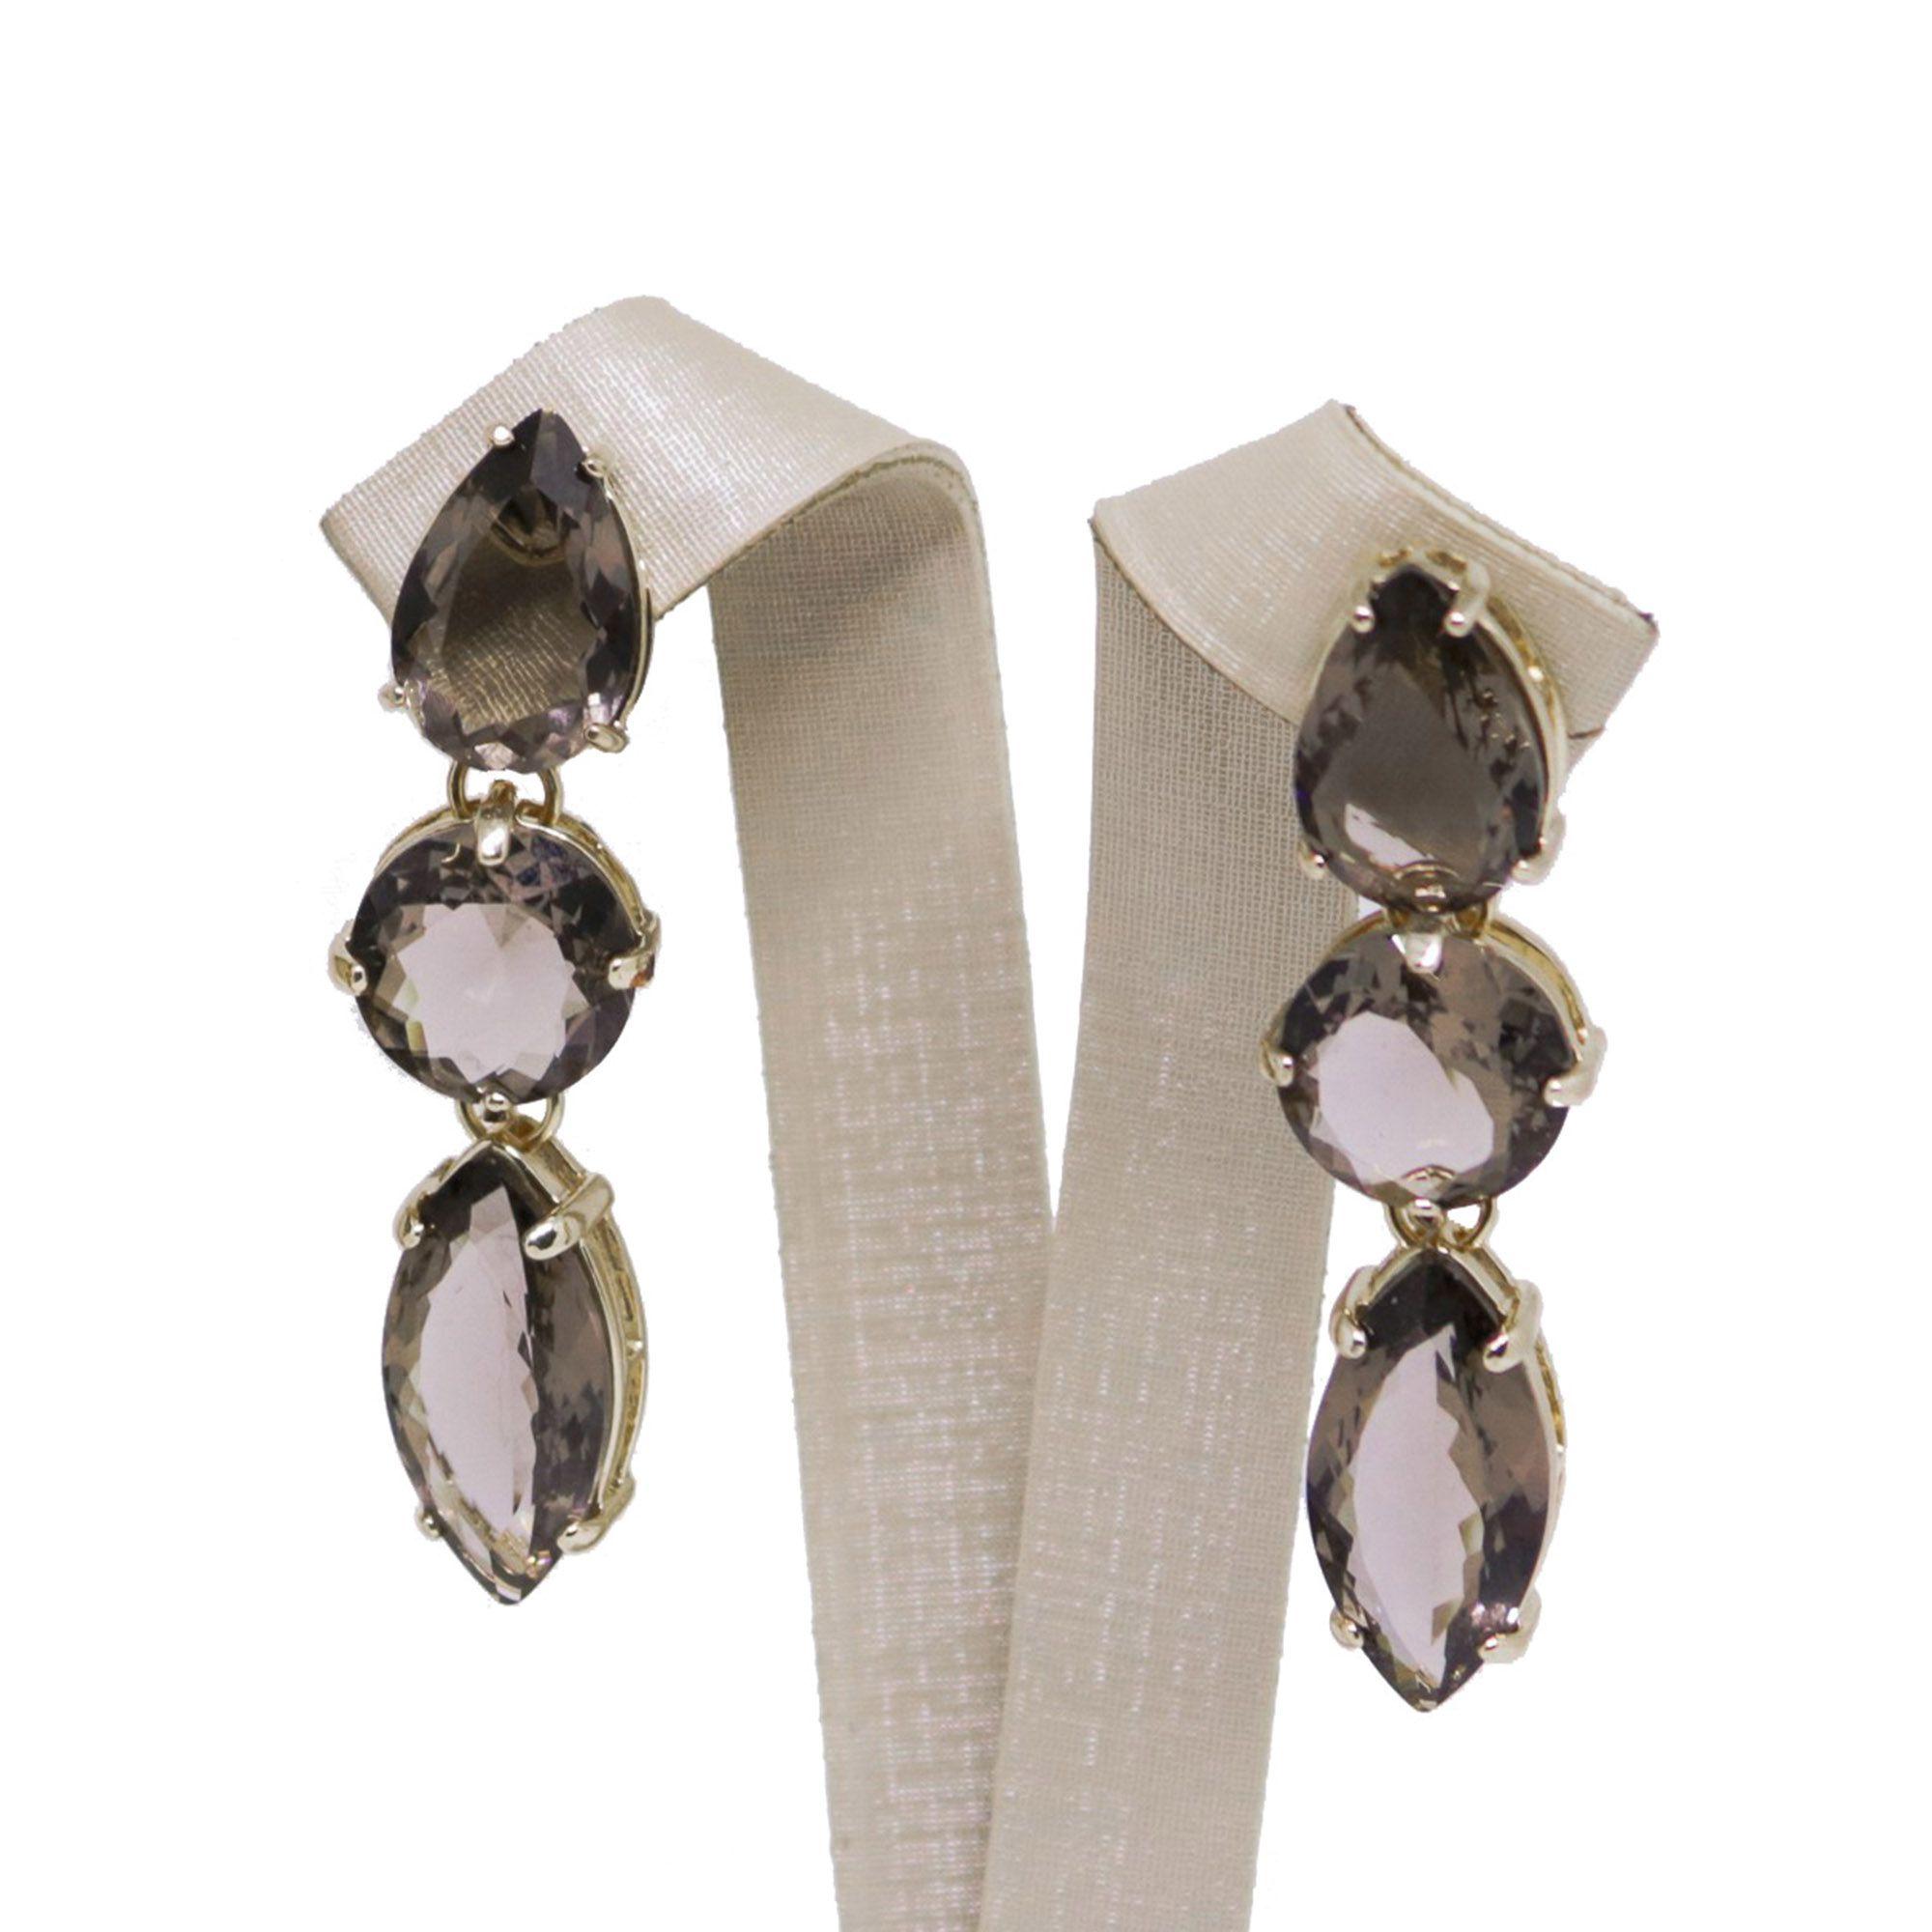 Brinco Semi joia cristais banhado a ouro 18k ou rhodium